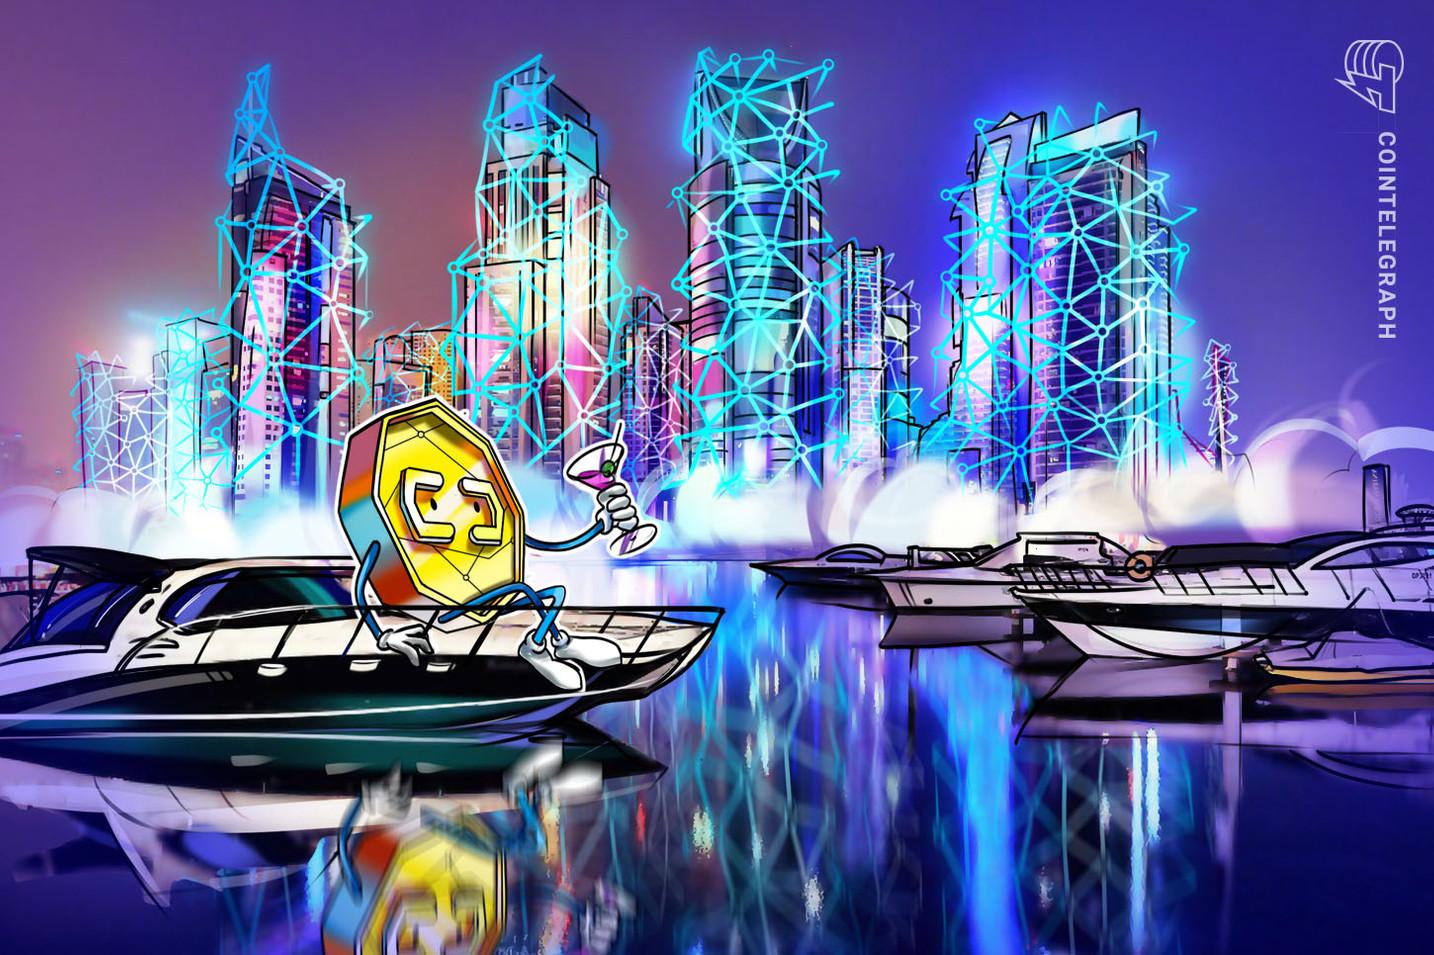 El desarrollador del Burj Khalifa, Emaar, lanzará un token EMR de recompensas comercializable